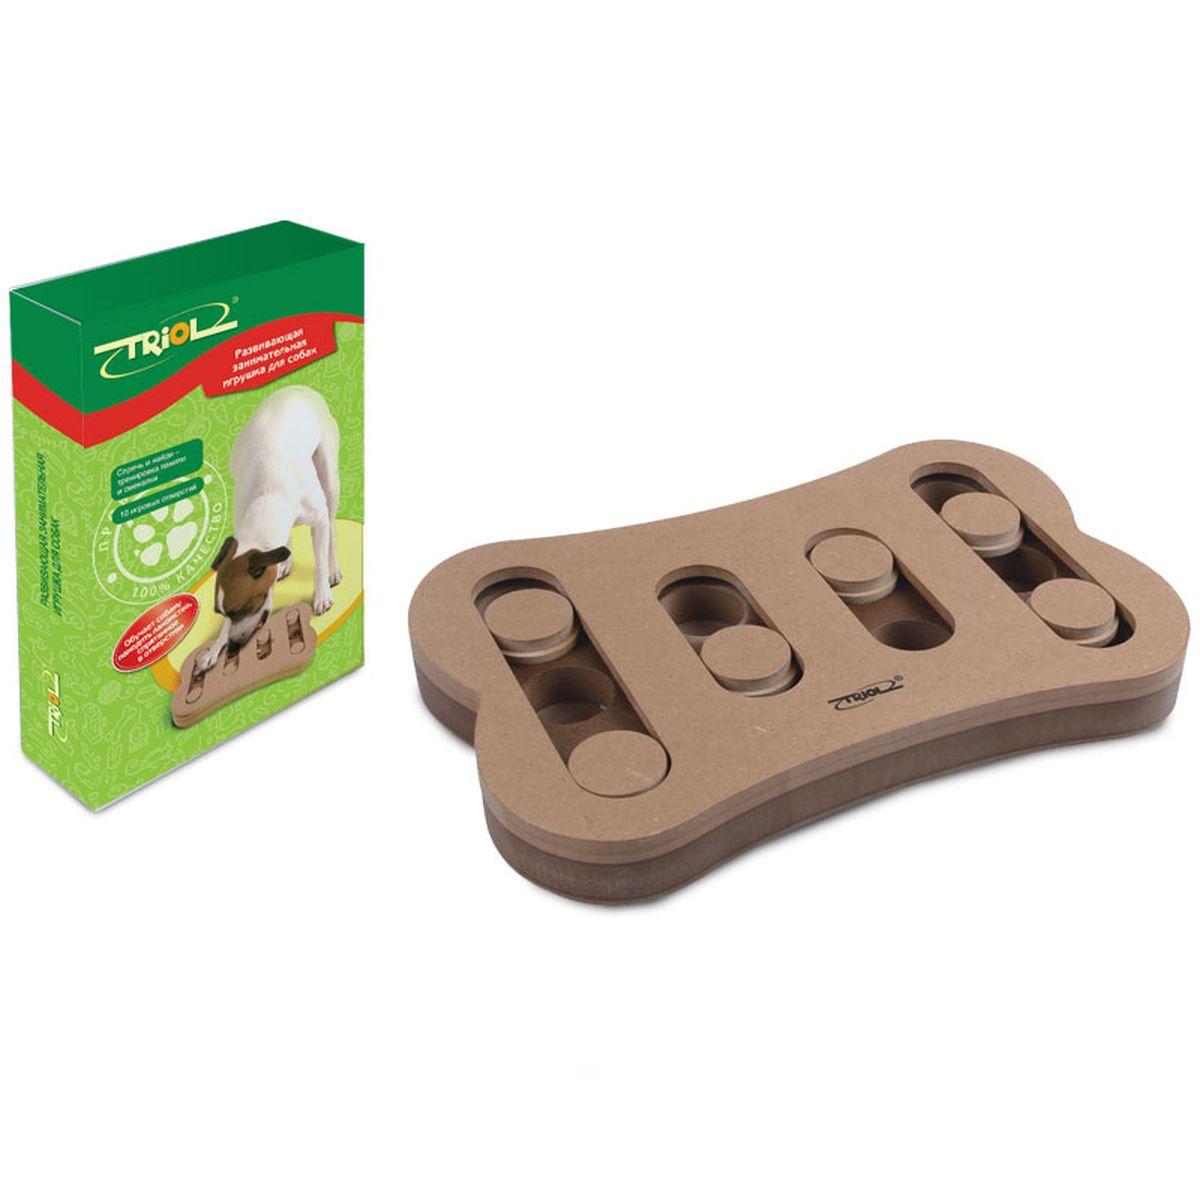 Игрушка для собак Triol, 29,5 х 19 х 3,4 см16418Развивающие игрушки Triol™ не просто скрашивают досуг питомца и его владельца, они помогают в дрессировке, тренируют память и мышление домашних питомцев, да и просто украшают интерьер своим необычным видом. Практичная игрушка, наполняемая кормом, для щенков и собак, займет Вашего четвероногого друга на долгие часы. Вам достаточно лишь спрятать угощение в одной из лунок и накрыть их пятнашками. Используя лапы и нос, собака сама сможет определять, где именно спрятано лакомство, и доставать его оттуда.Игрушка Спрячь и найди предназначена для тренировки памяти и смекалки. На каждой стороне игрушки есть специальные отверстия, вкоторые можно положить кусочки лакомств, чтобы питомцам было гораздо интереснее выполнять задания. Развивающая игрушка-кормушка для собак Triol TT-02 стимулирует охотничьи навыки собаки, стимулируя ее к активному поиску обычного корма или лакомства.